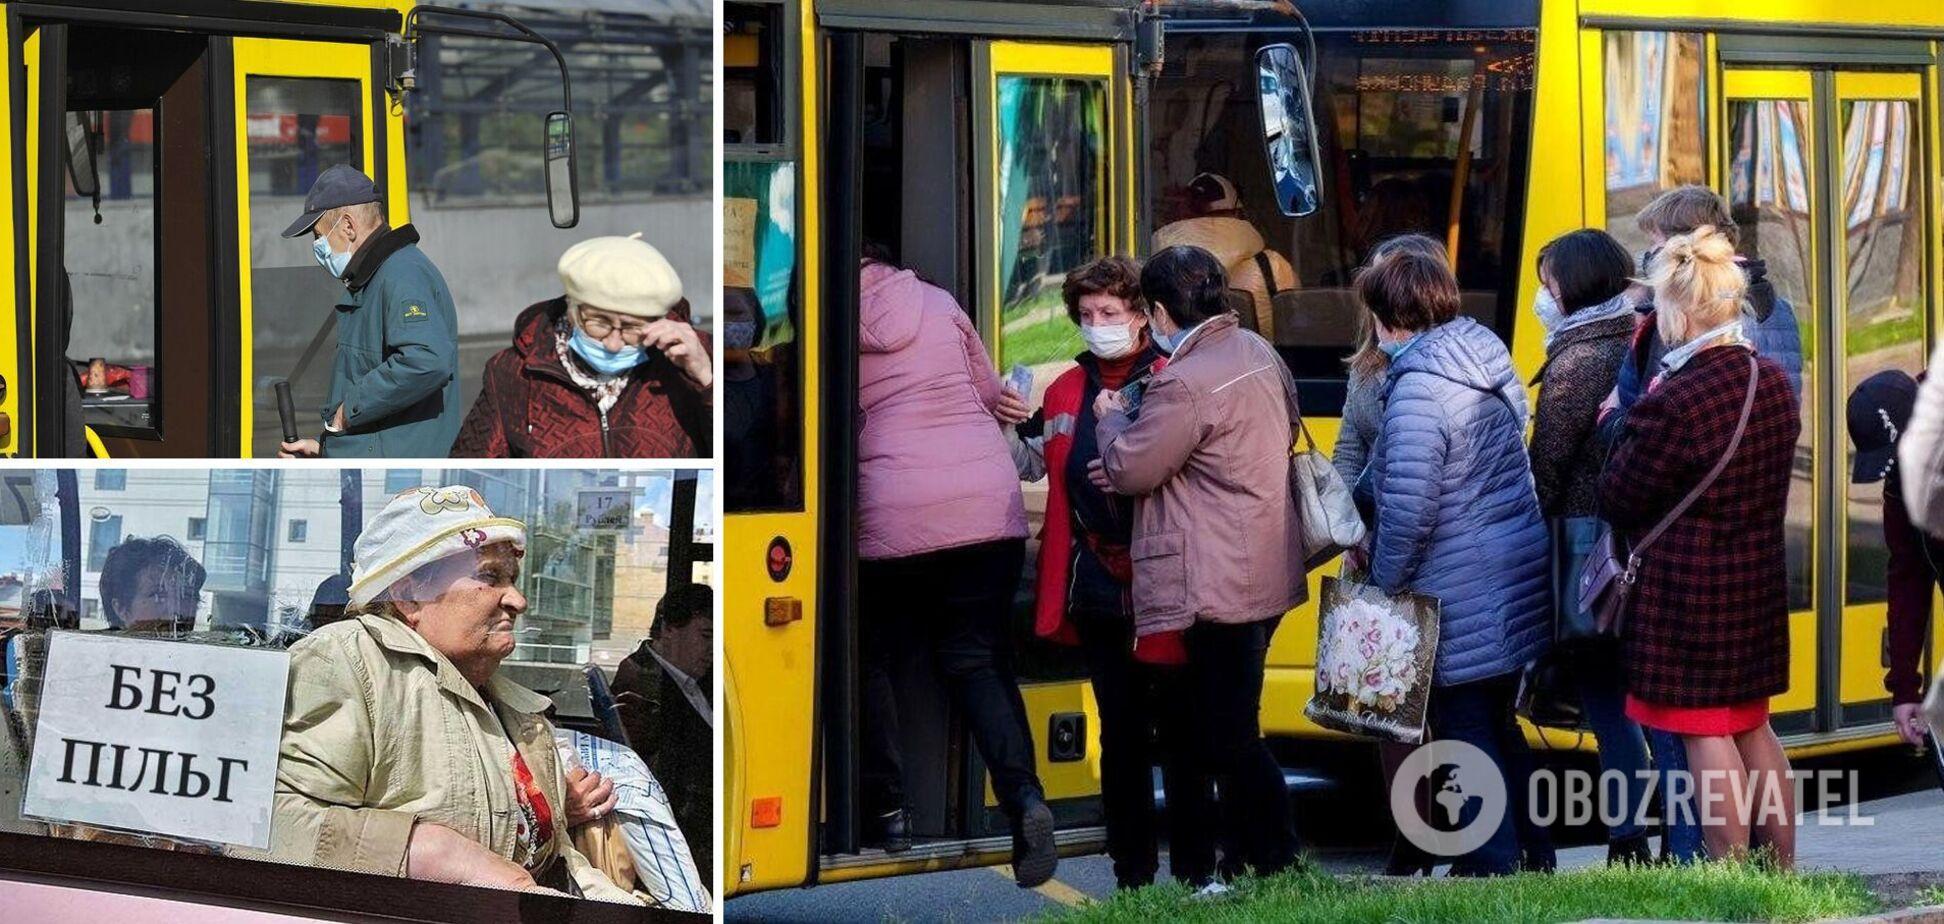 В Україні хочуть скасувати безплатний проїзд у транспорті: як замість пільг роздадуть гроші